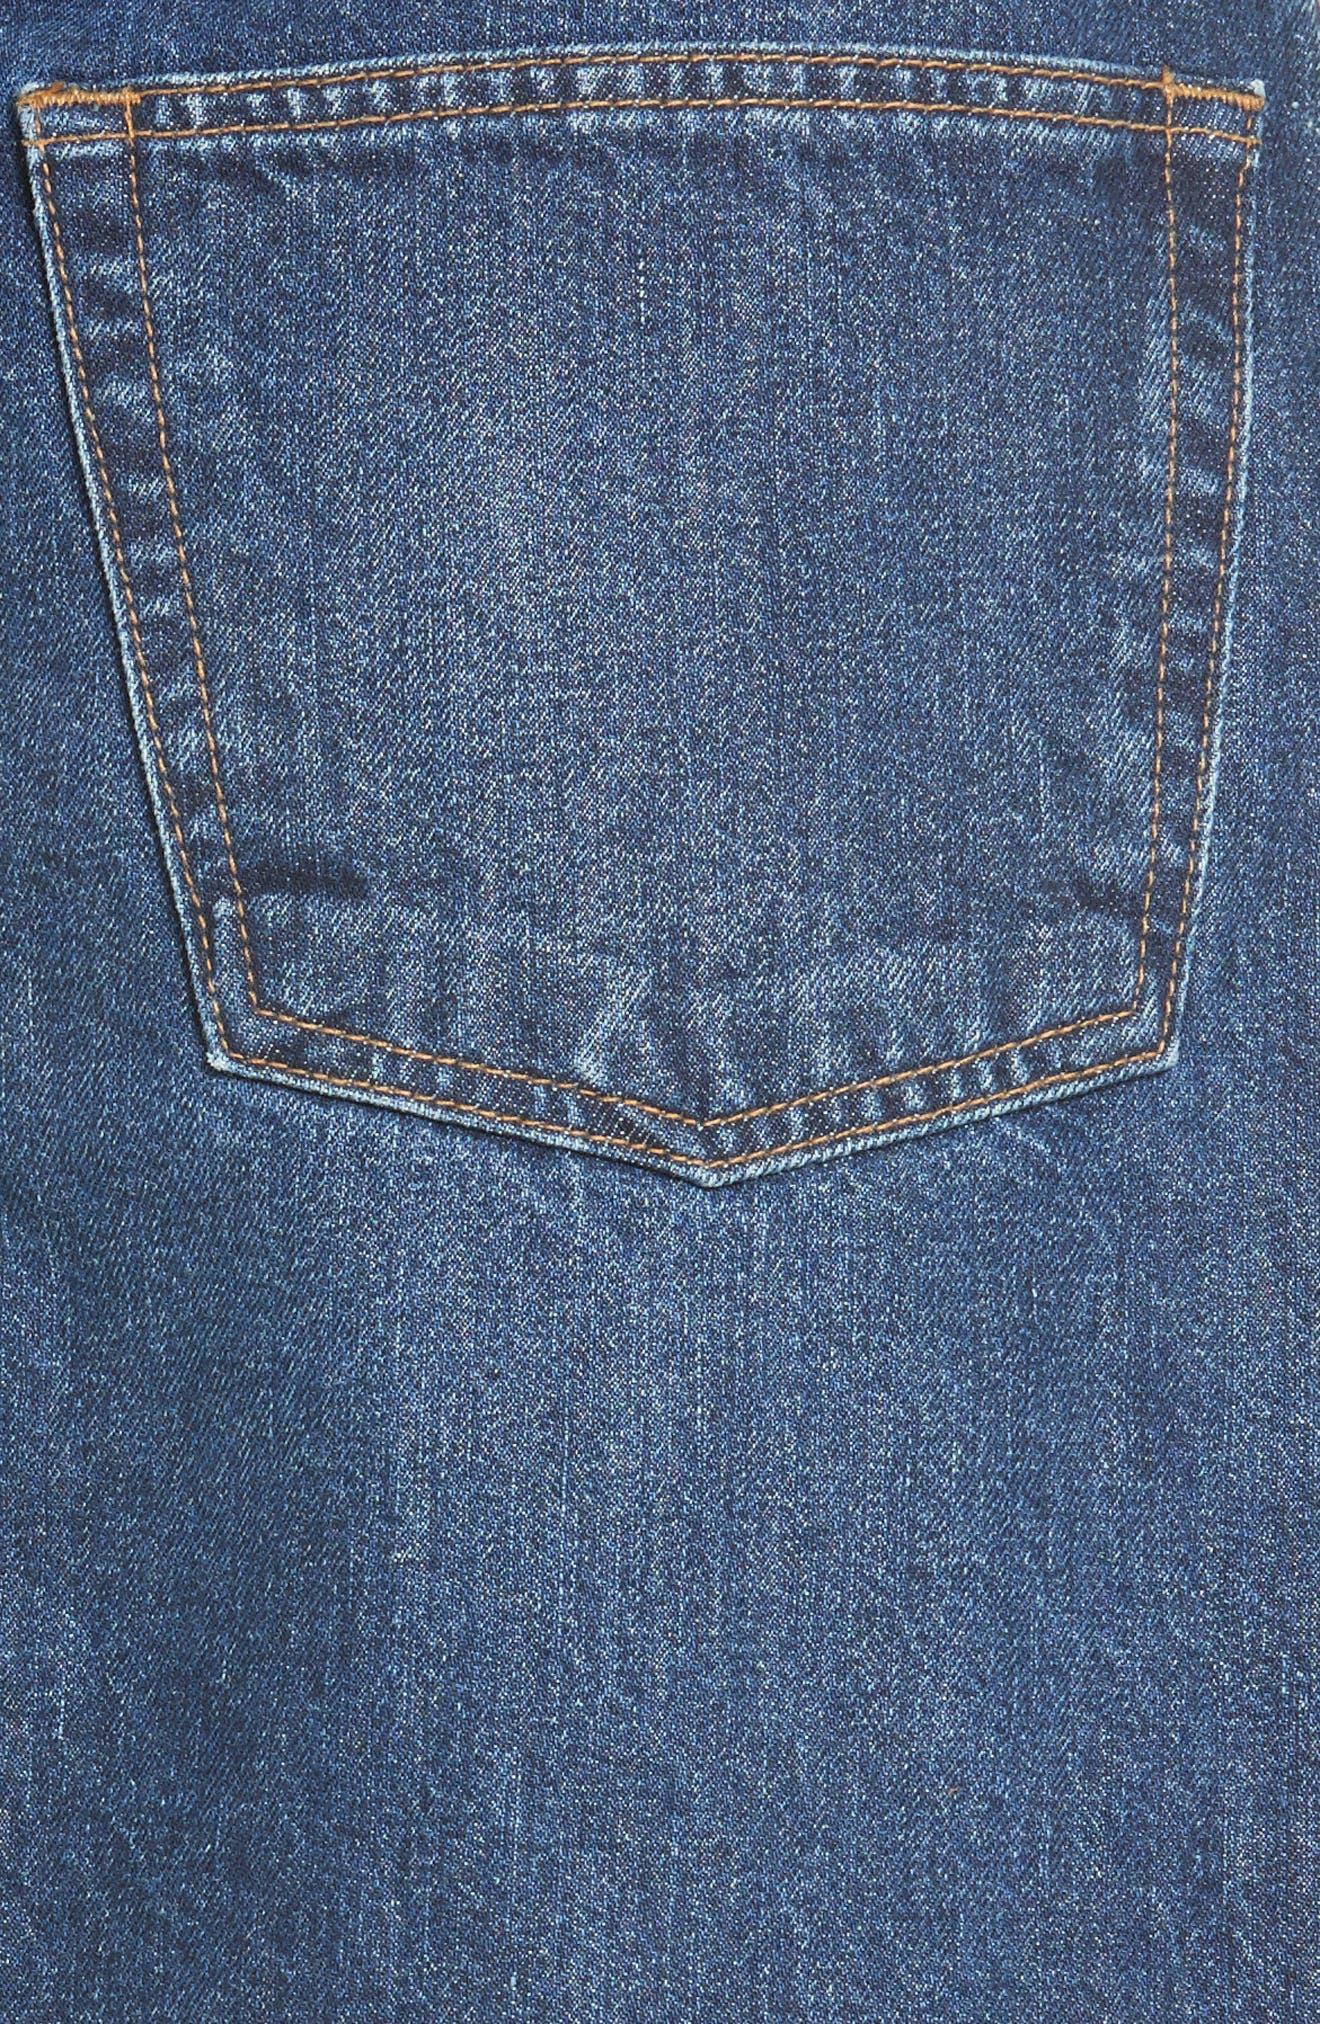 Originals High Waist Denim Miniskirt,                             Alternate thumbnail 5, color,                             401